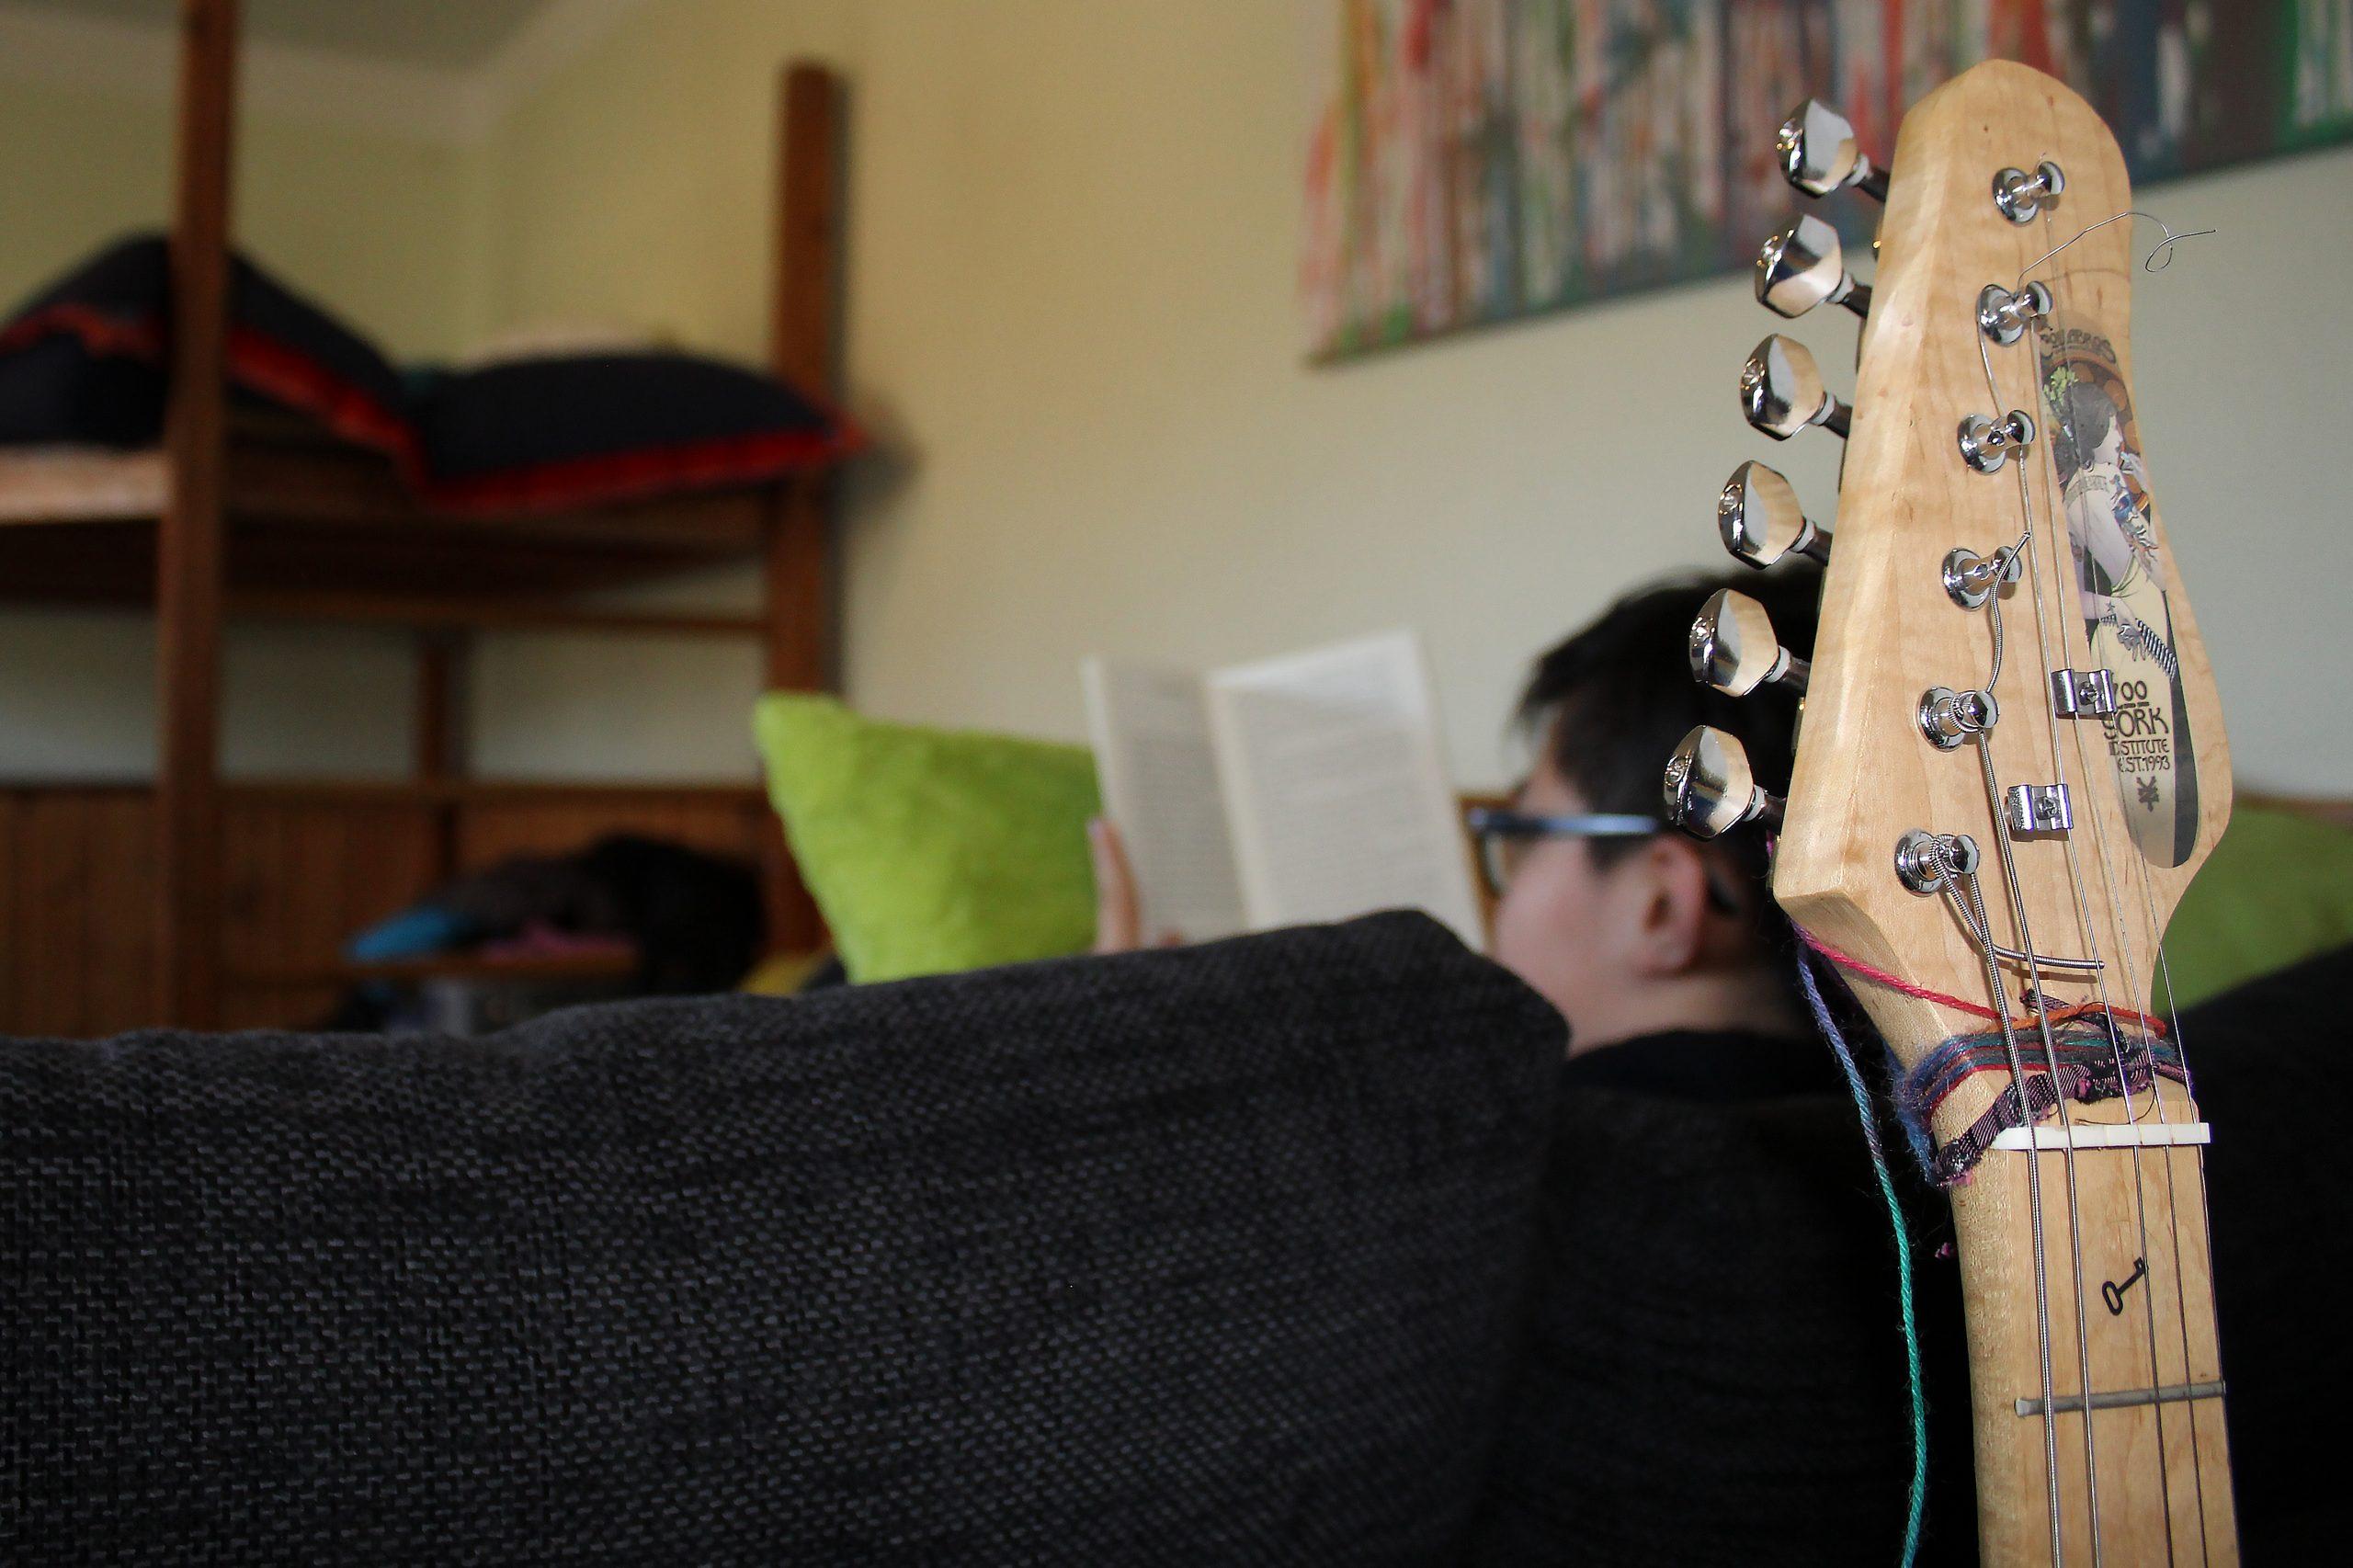 Eine Gitarre lehnt an einem Sofa, auf dem ein Junge sitzt und liest